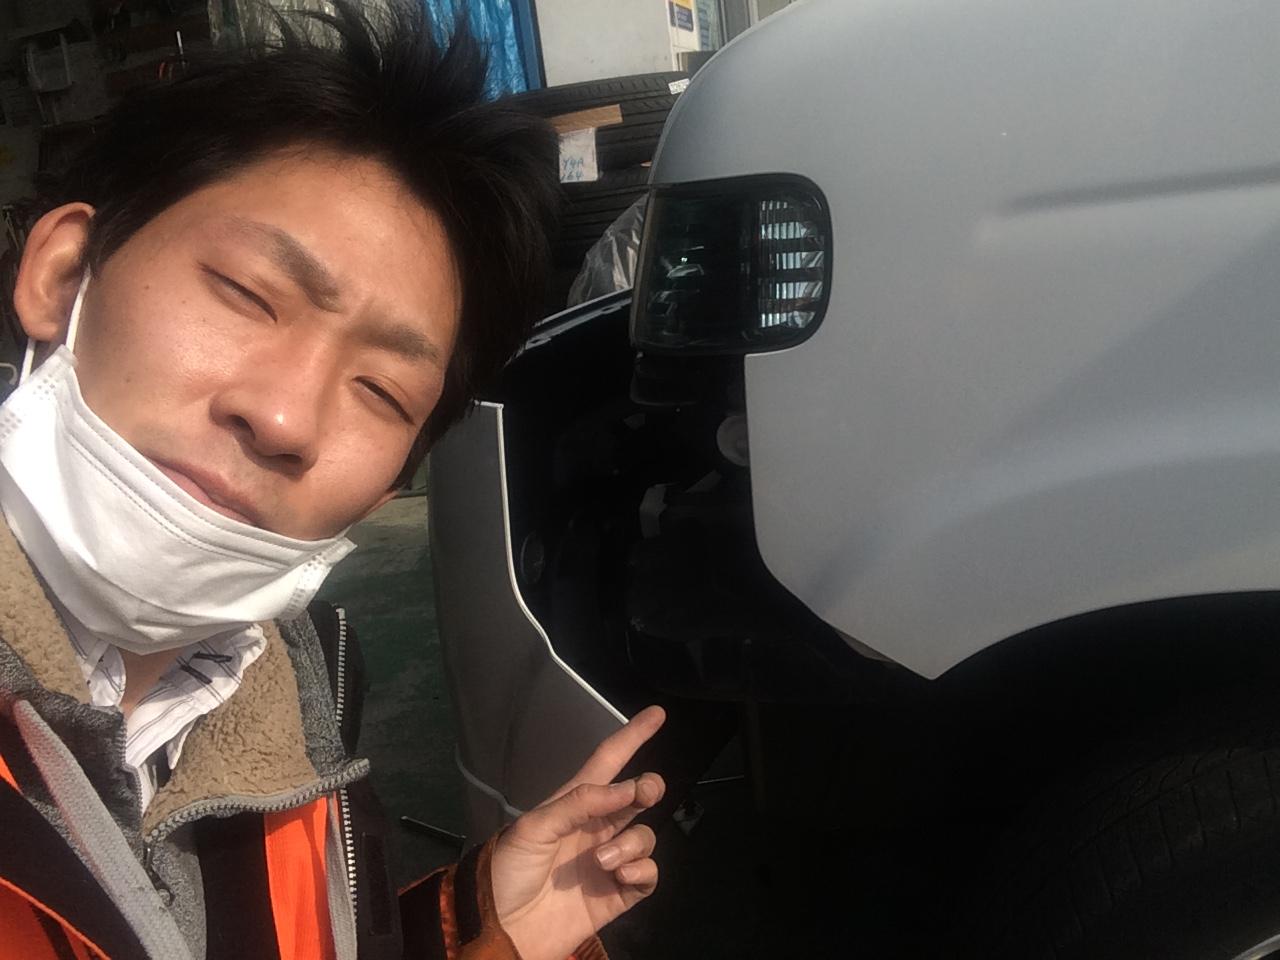 3月27日トミーアウトレット☆グッチーブログ☆軽自動車☆バックオーダー☆_b0127002_19575311.jpg